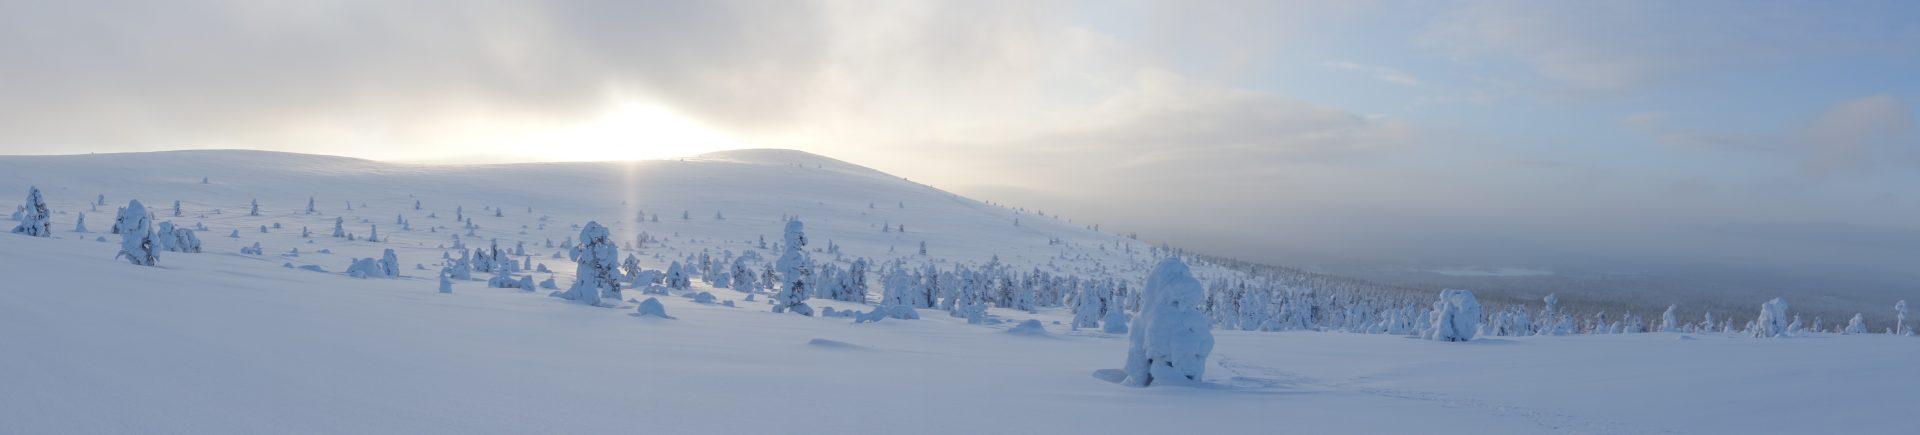 Ylläs Holidays lumikenkäily